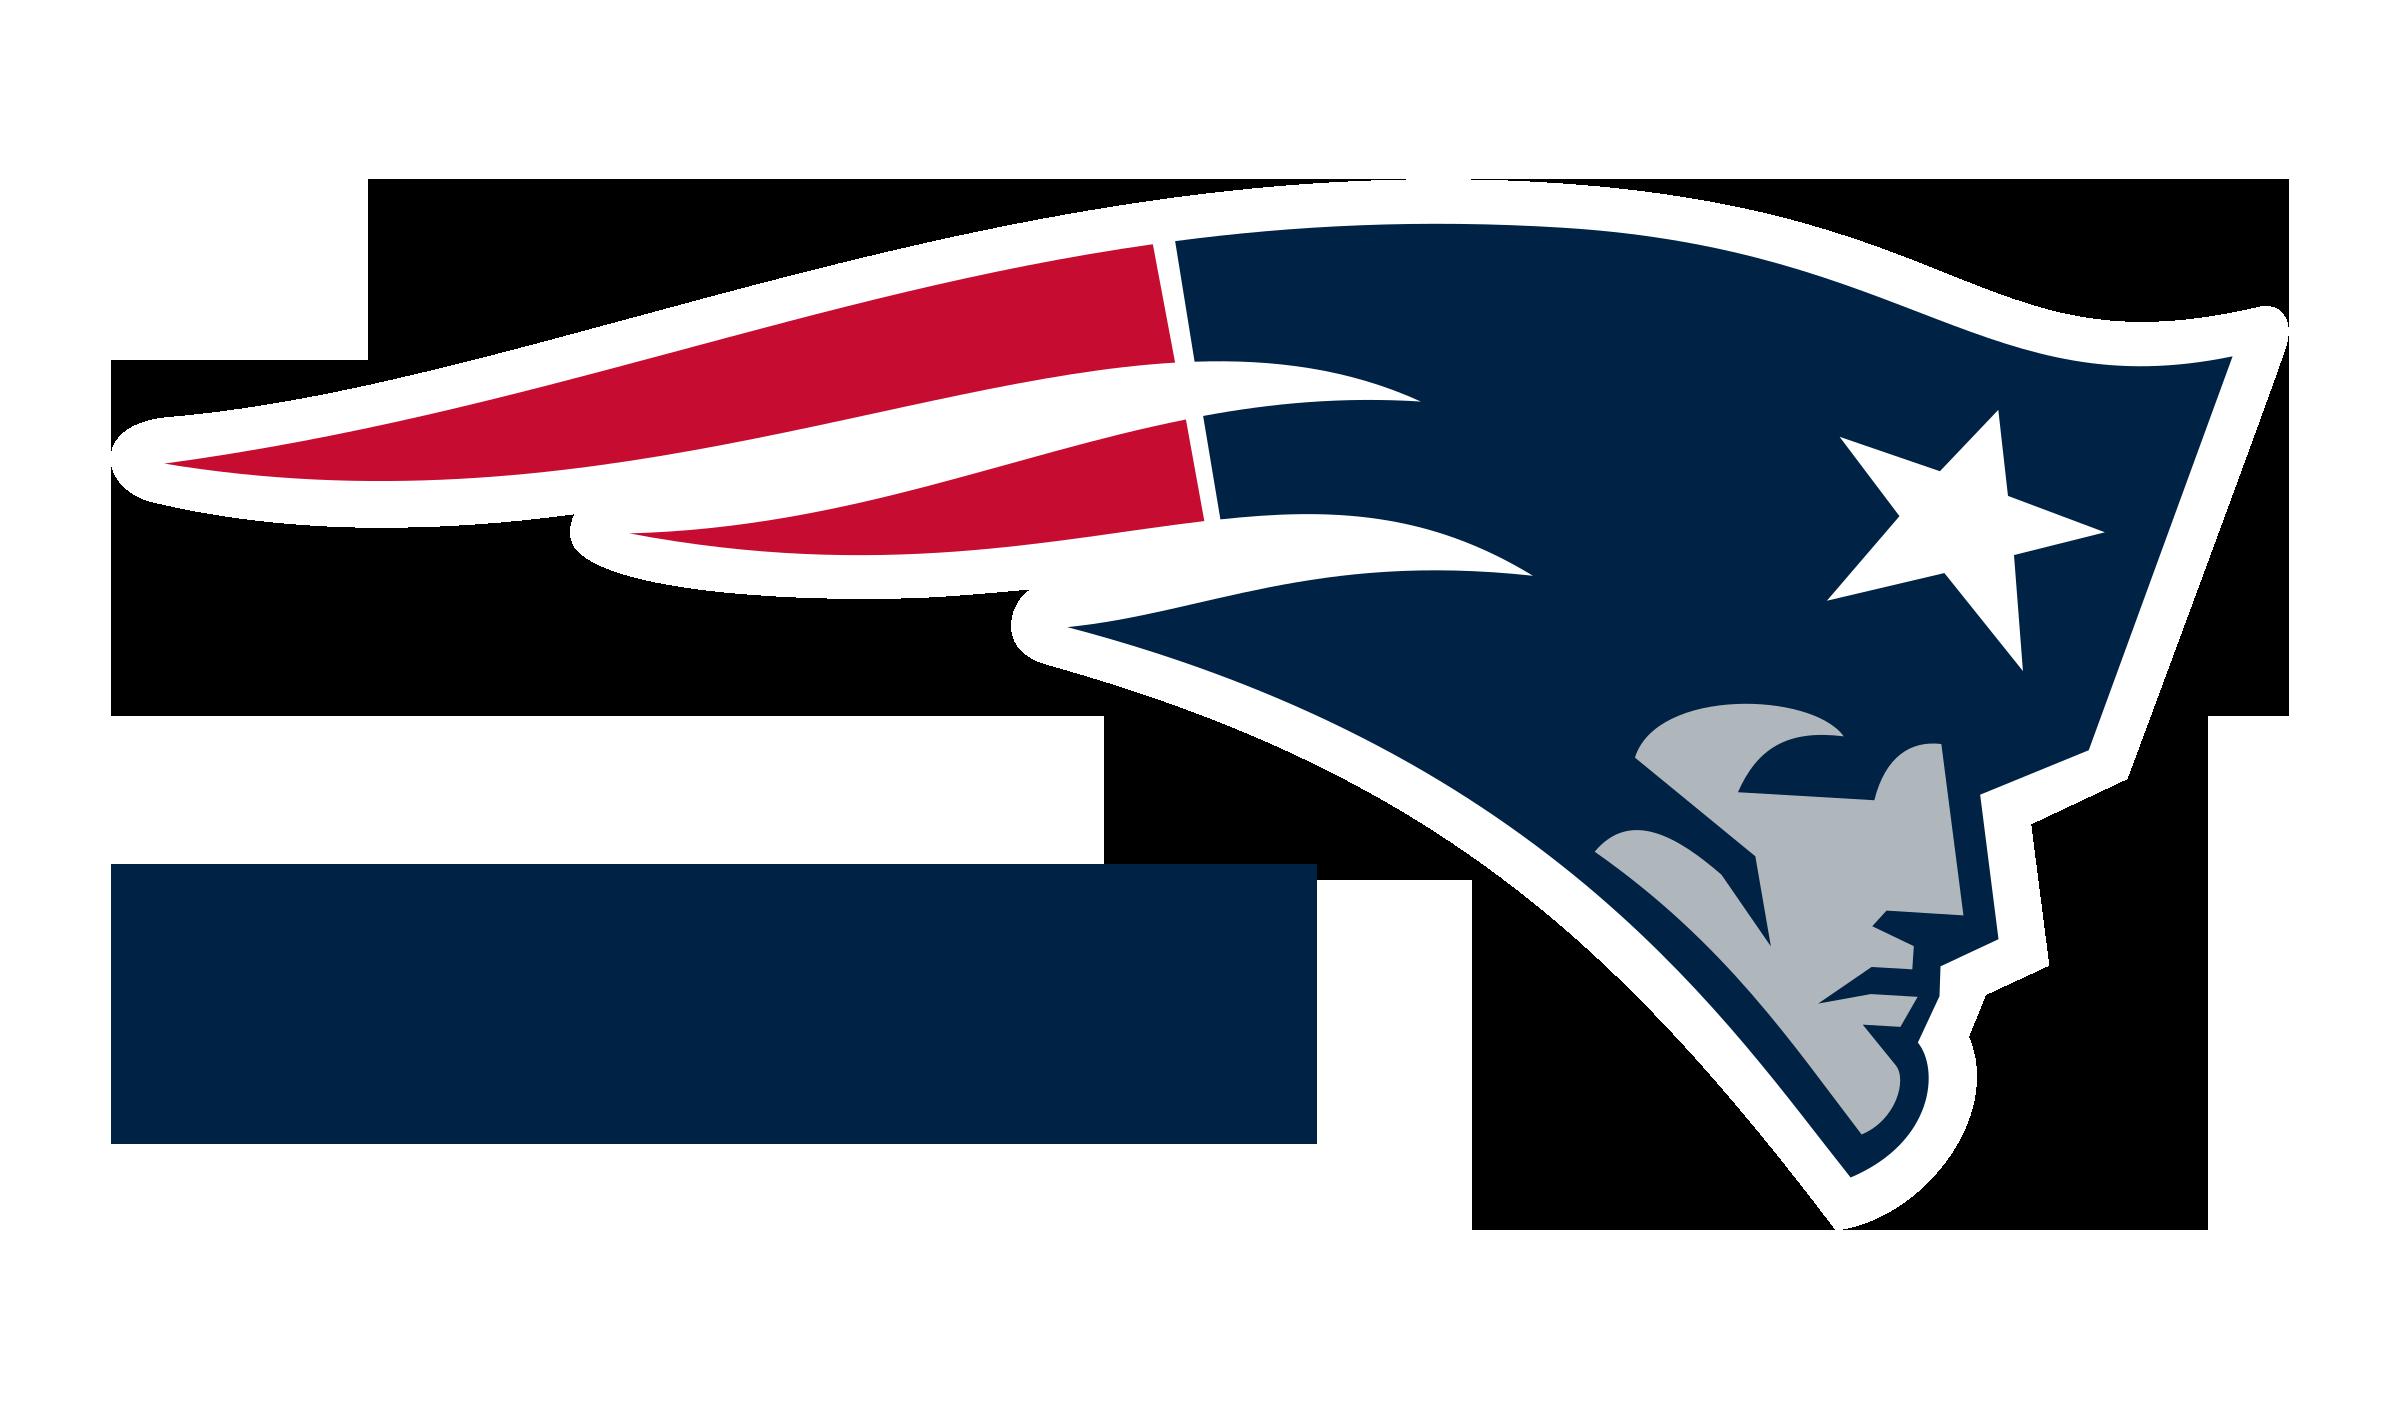 Os Protagonistas SB LII - New England Patriots | 10 Jardas